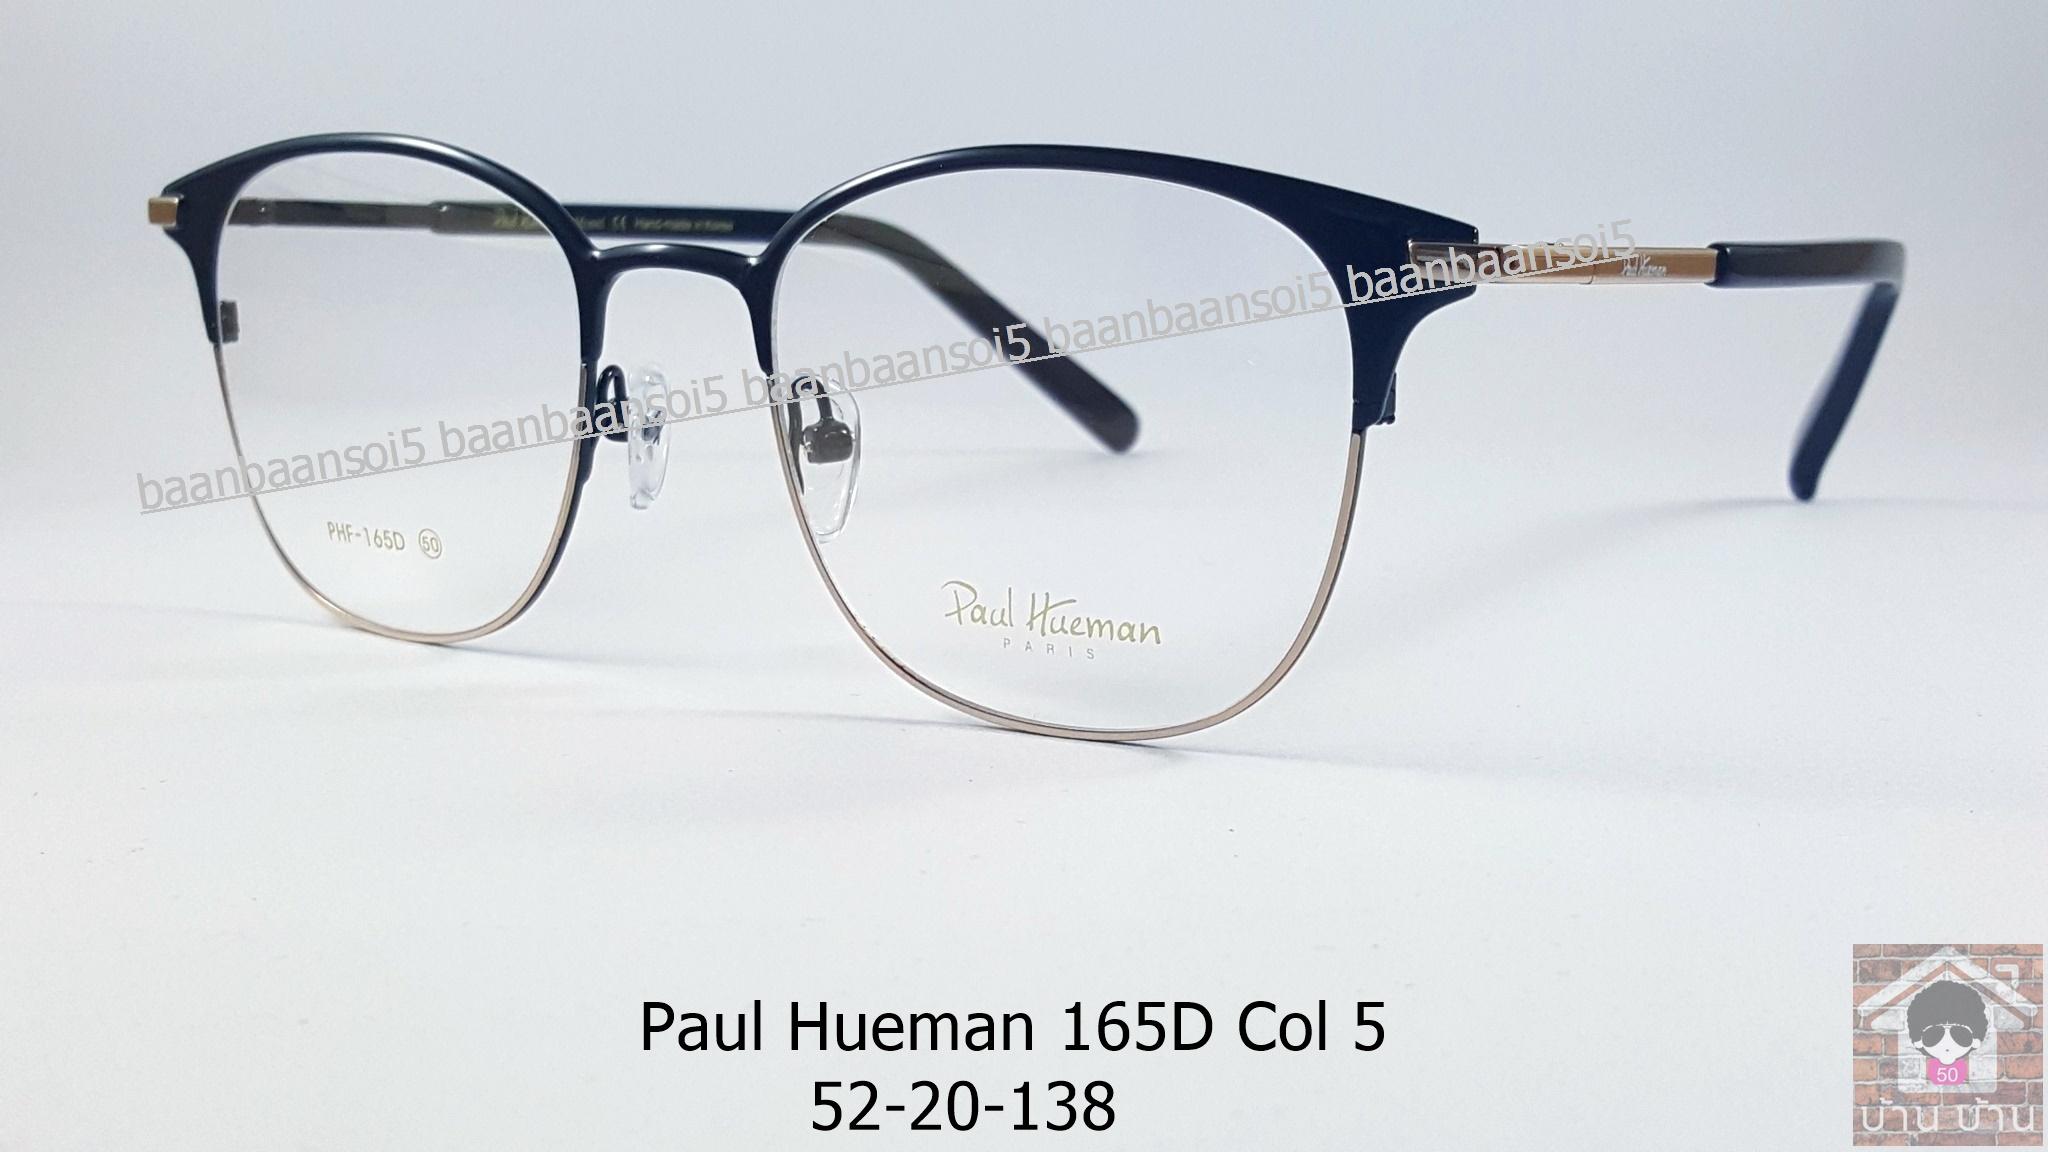 Paul Hueman 165D Col.5 โปรโมชั่น กรอบแว่นตาพร้อมเลนส์ HOYA ราคา 3,200 บาท